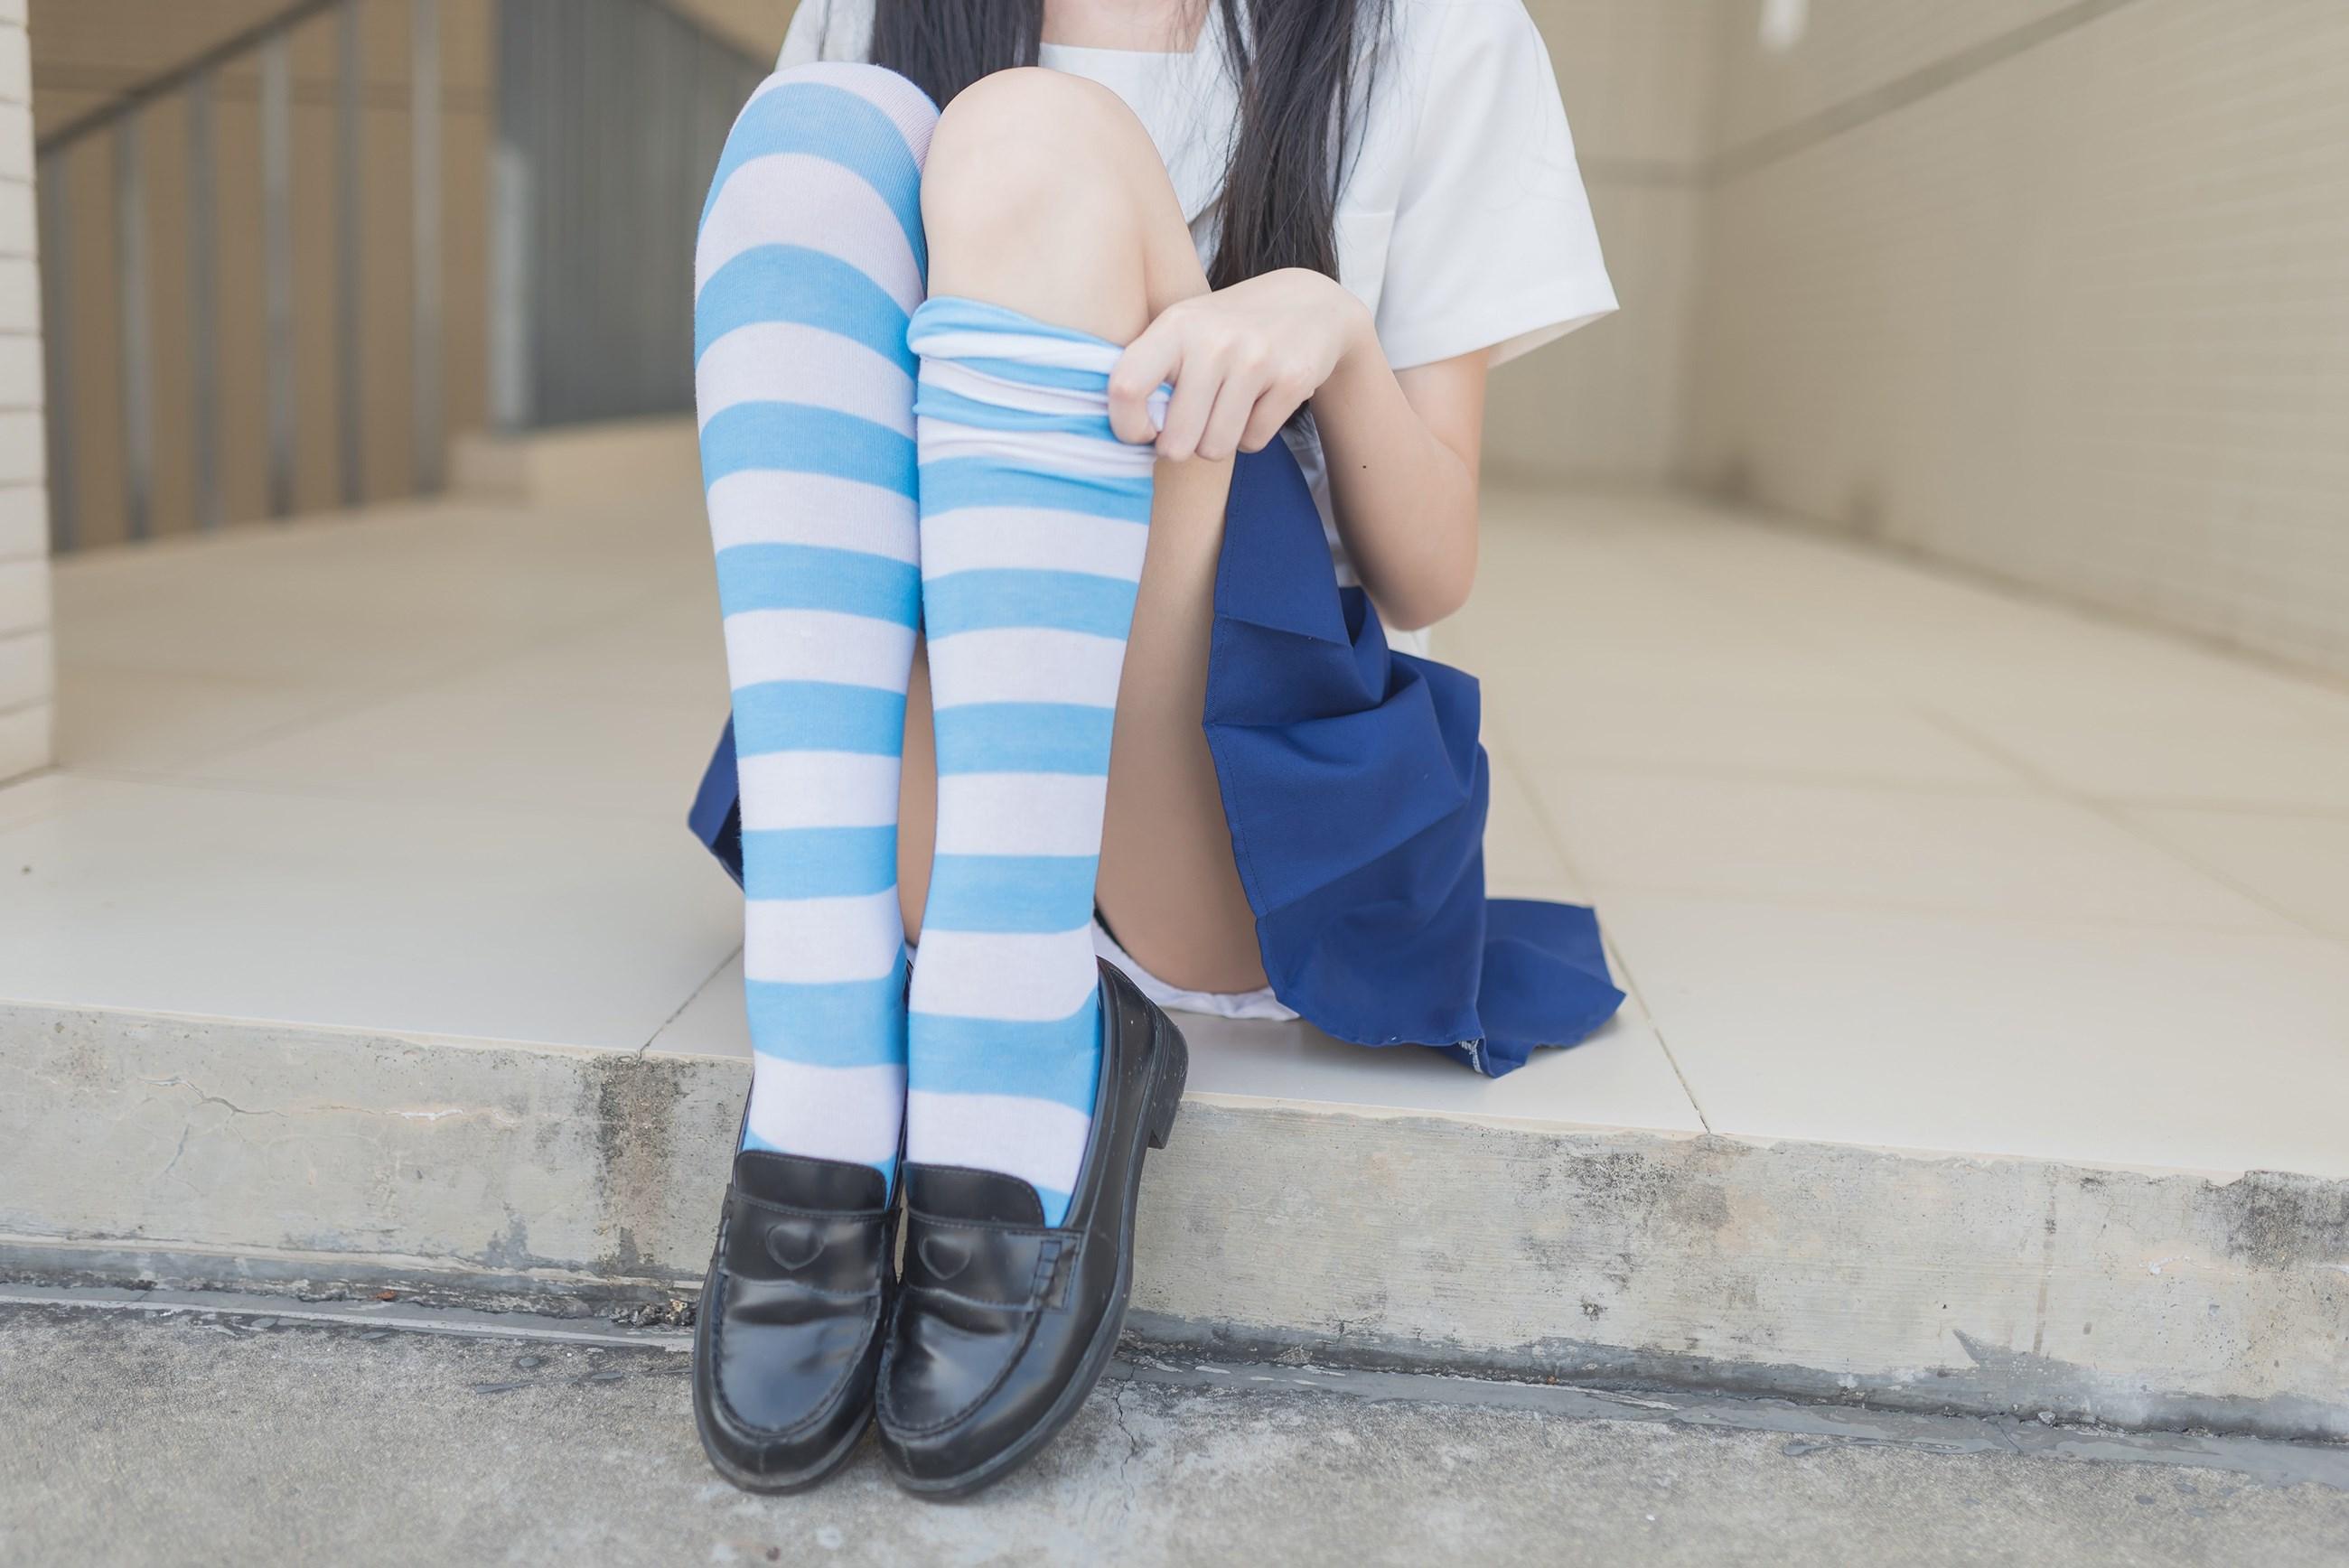 【兔玩映画】蓝白条纹的小细腿 兔玩映画 第35张